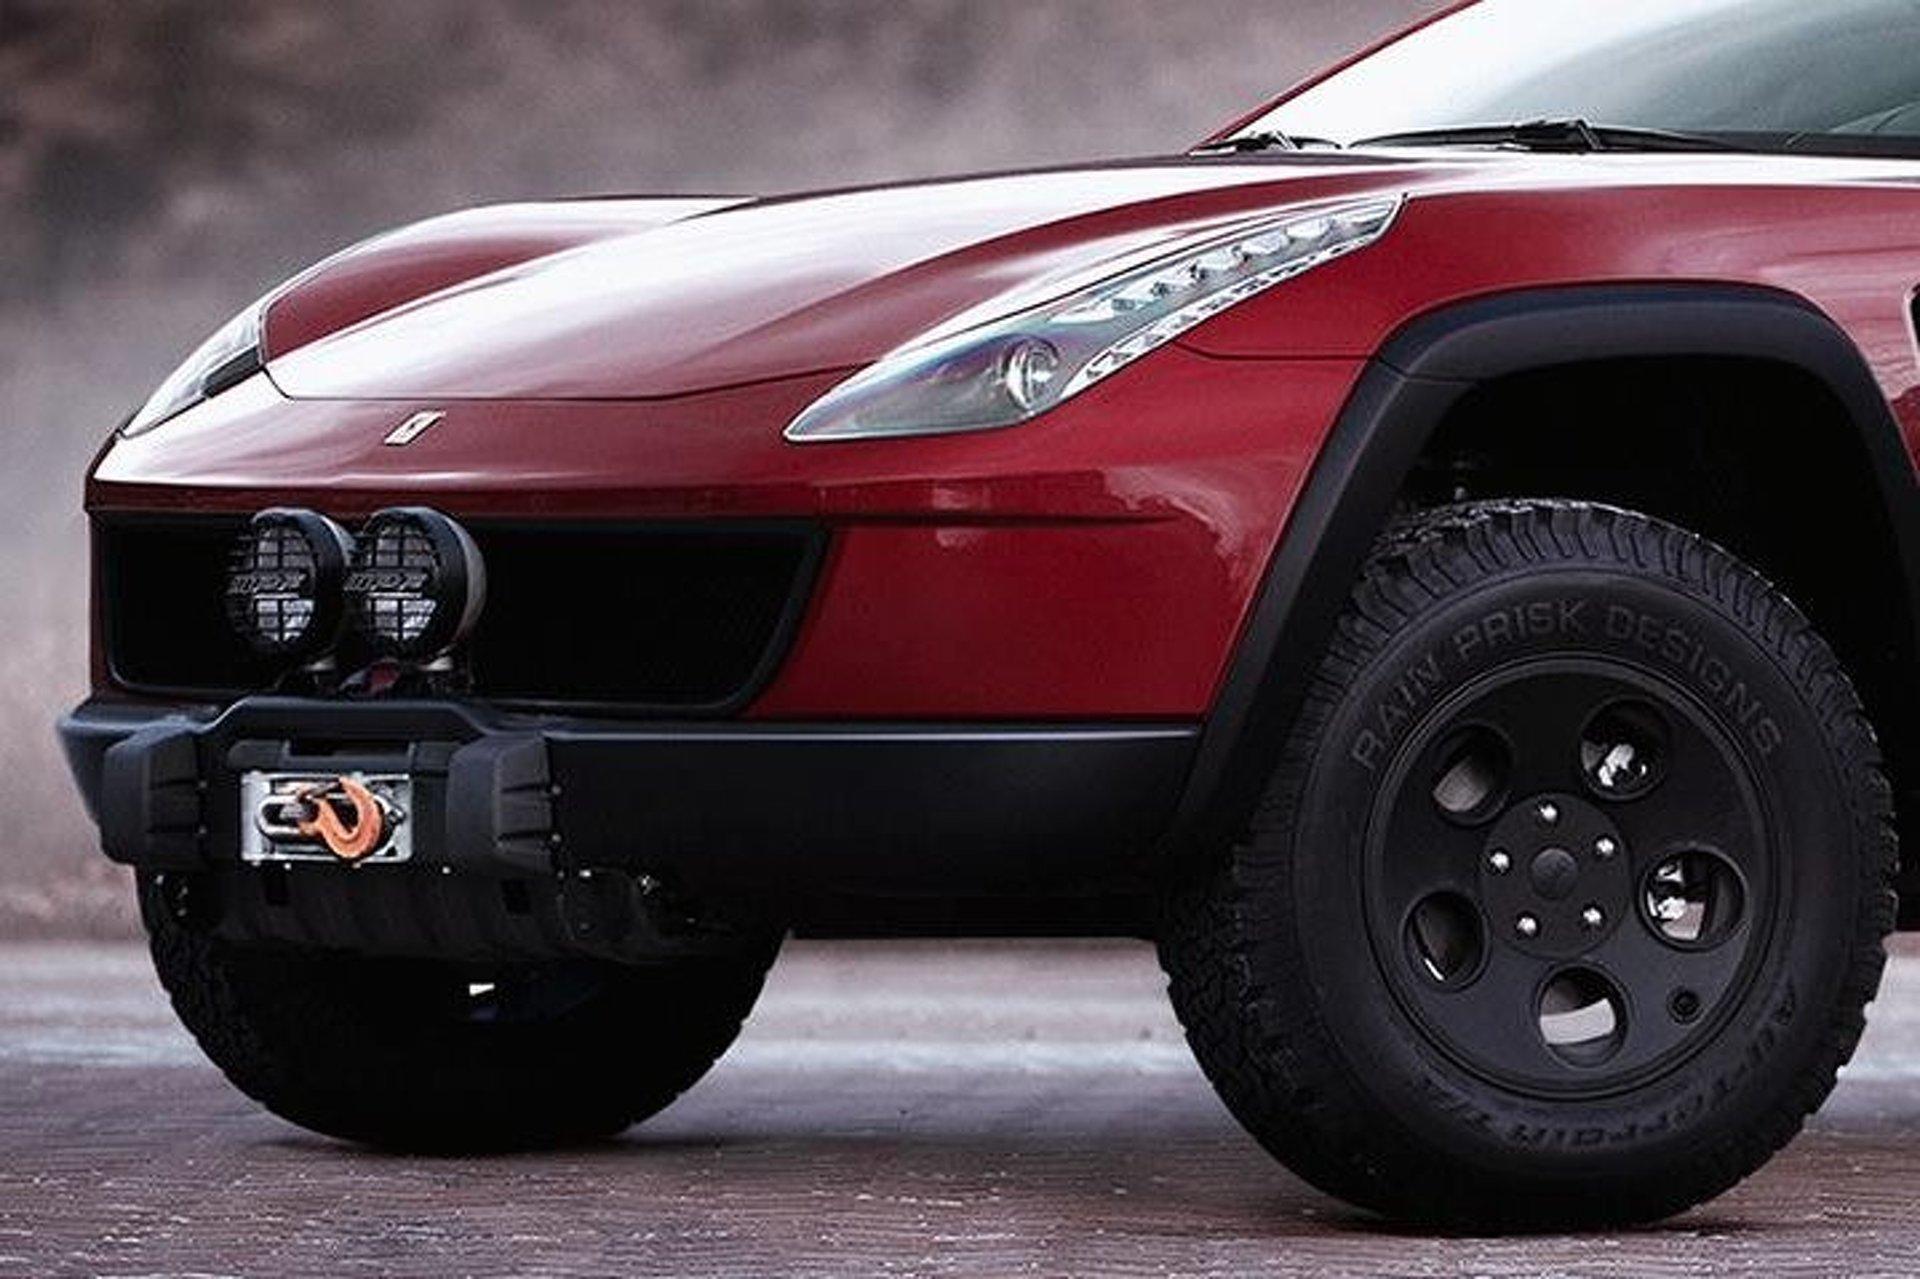 Ferrari Ff Imagined As A 4x4 Off Roading Machine 1179949